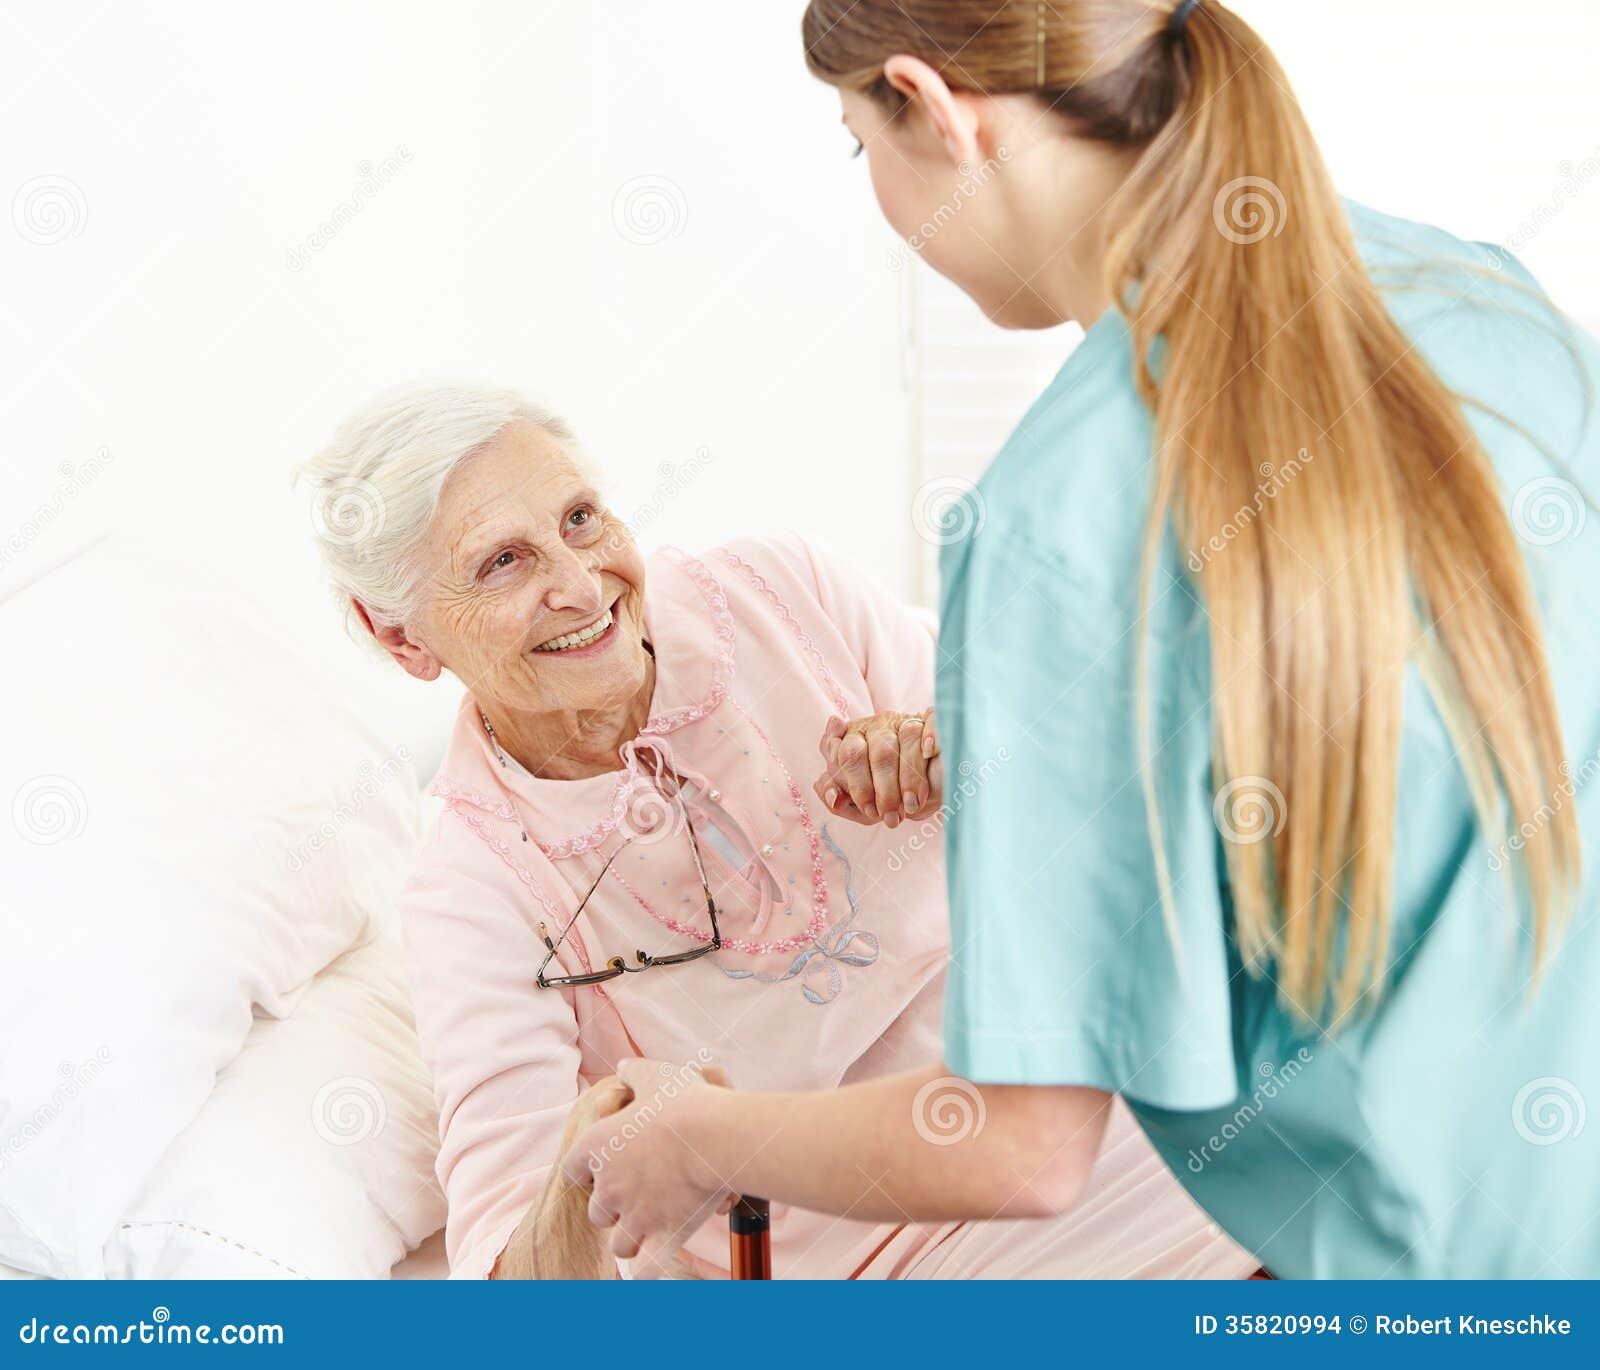 Νοσοκόμα στην εκτεταμένη βοήθεια οικιακής φροντίδας